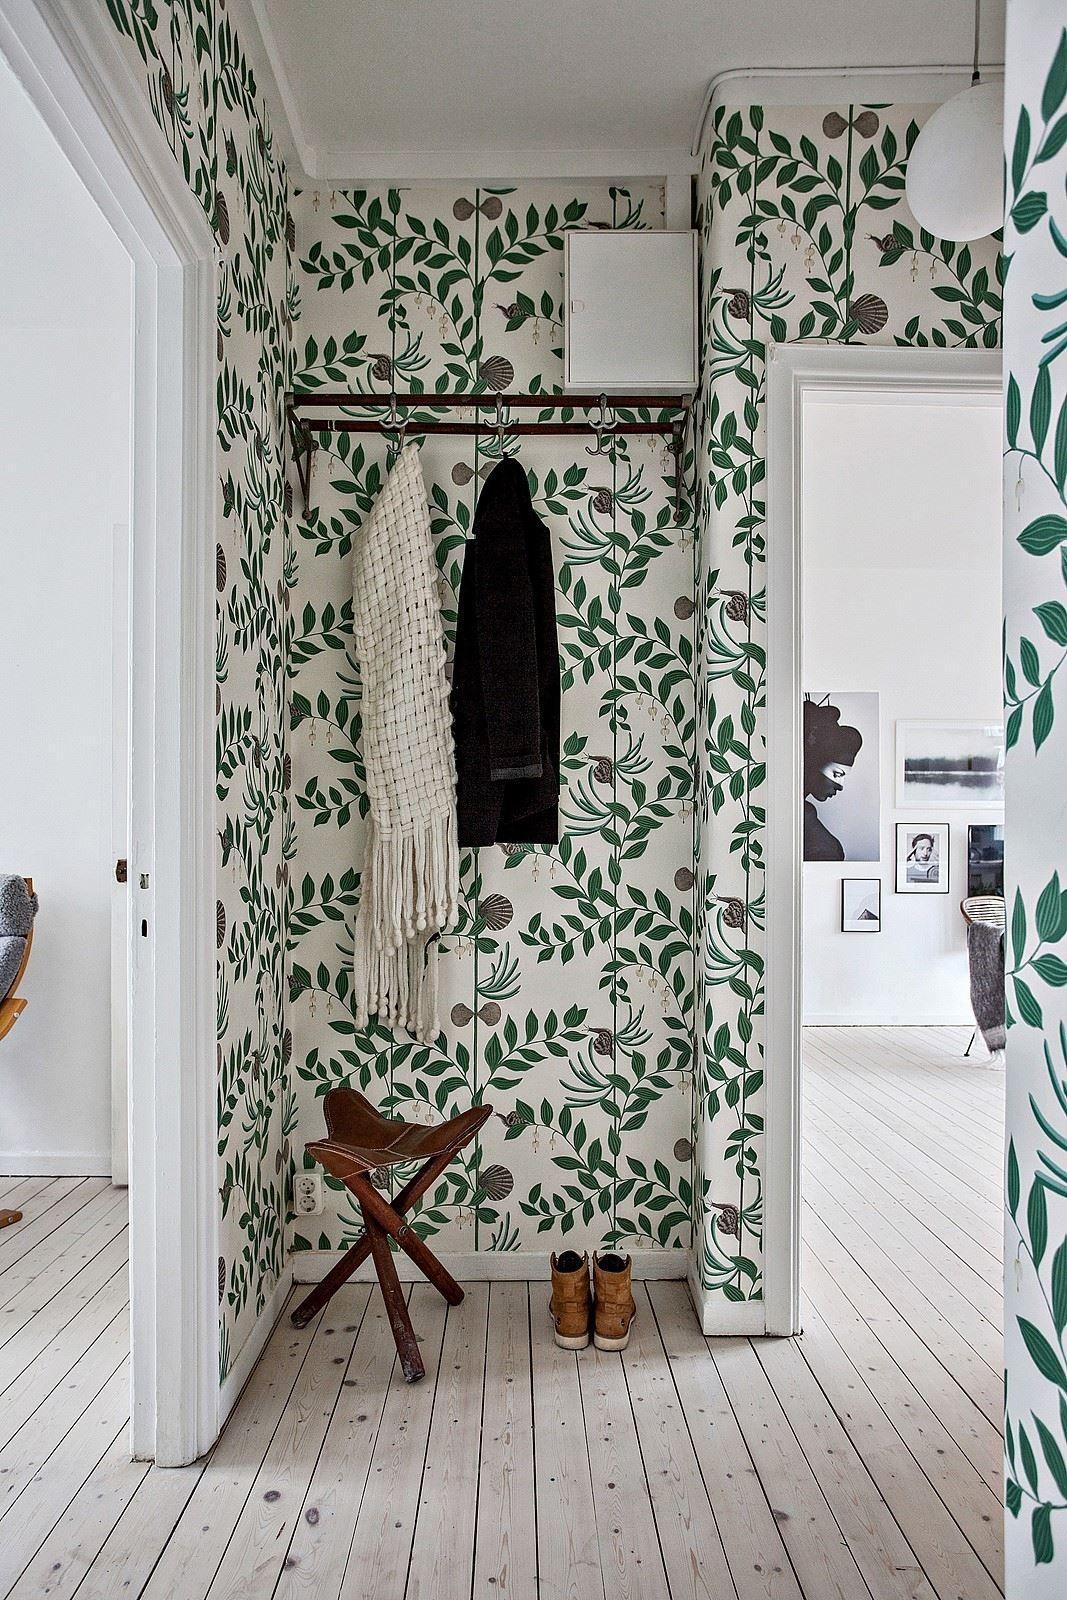 Carta Da Parati Ingresso in affitto con stile: 3 idee décor a basso budget | una casa